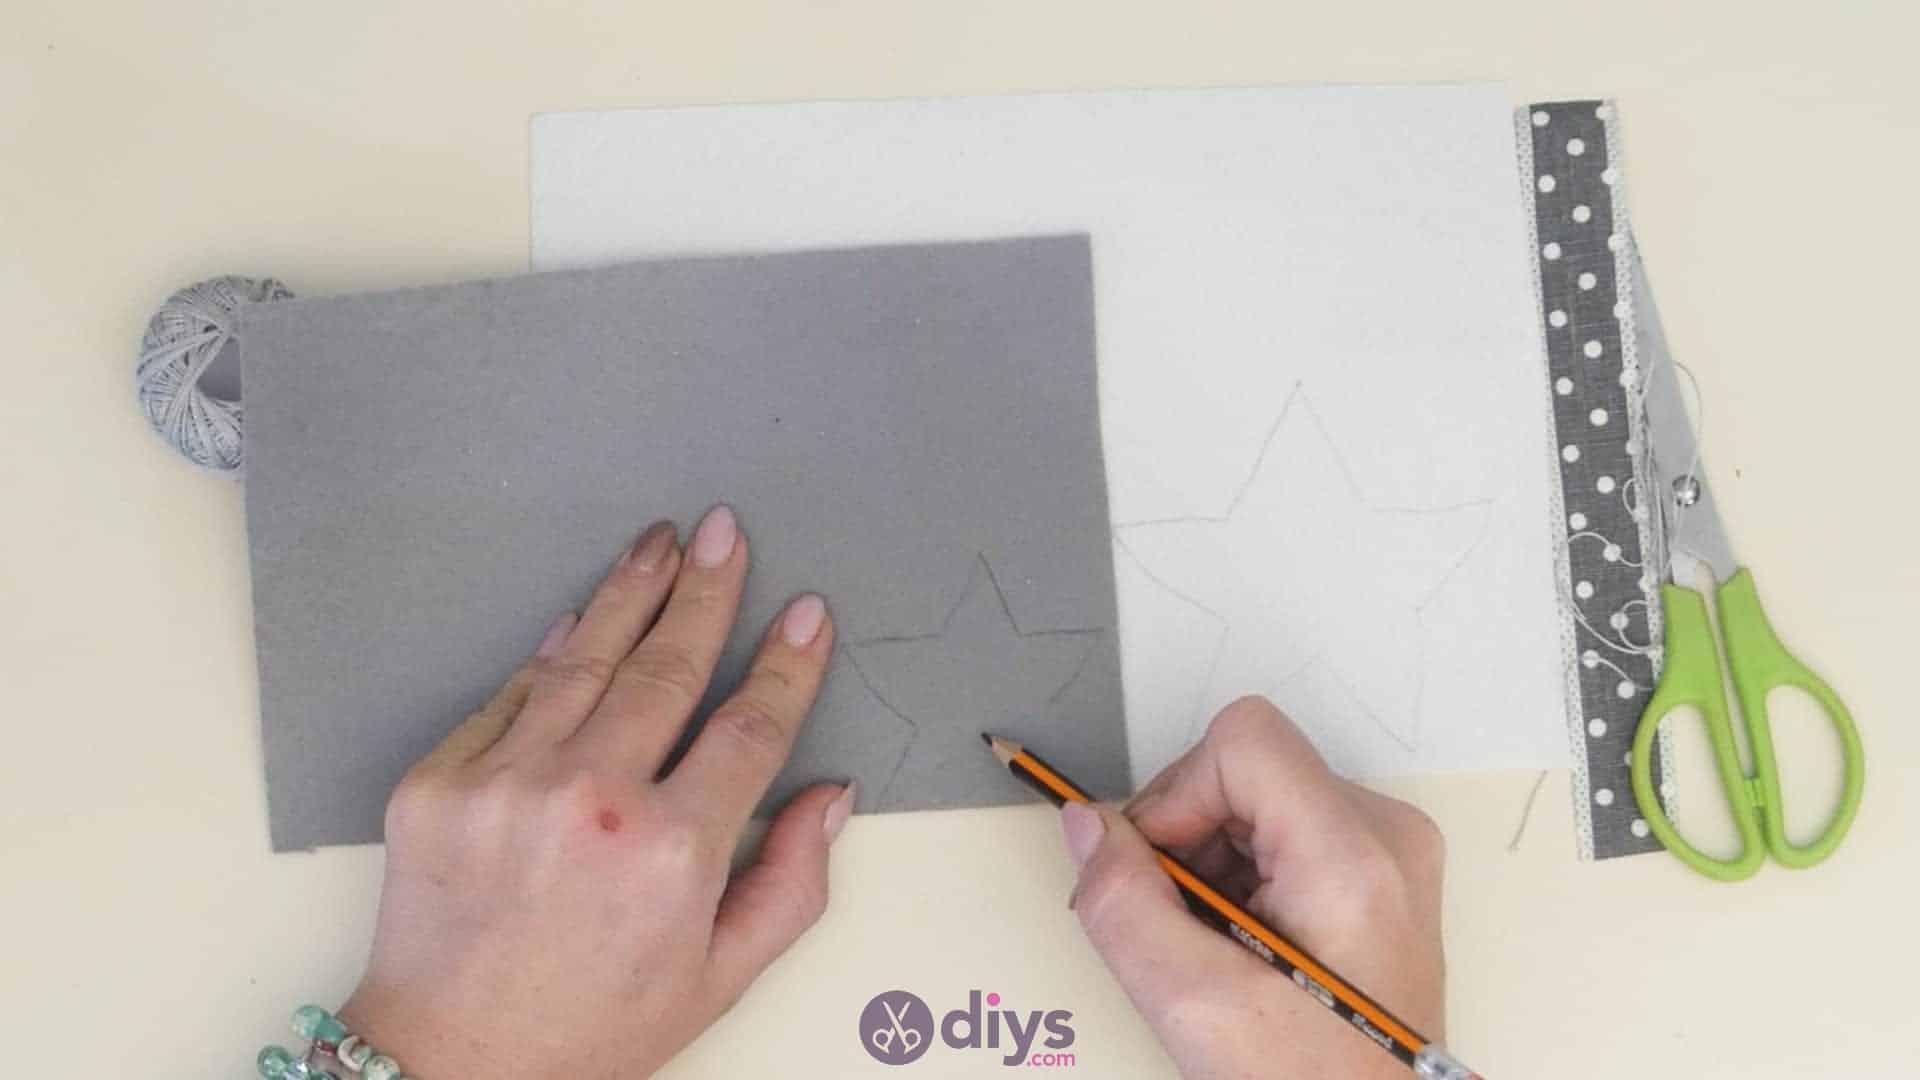 Diy felt star keyholder step 3b